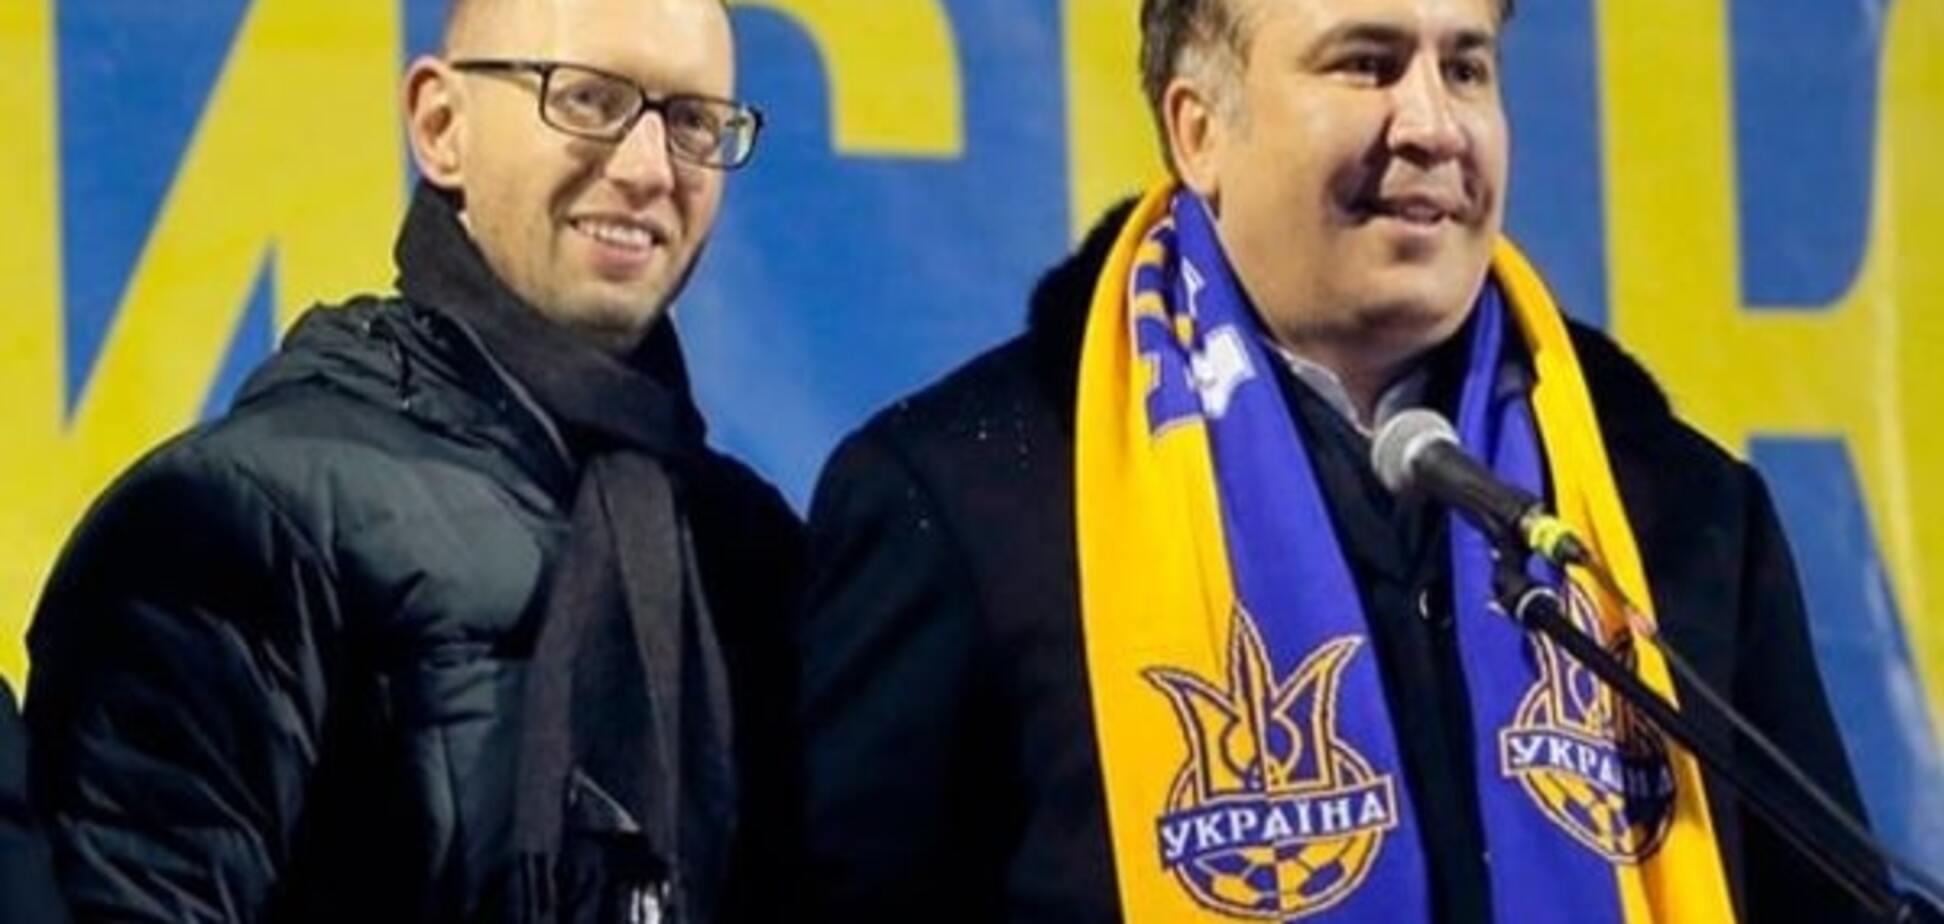 'Поп-звезды' украинской политики: хитрости самопиара Яценюка и Саакашвили